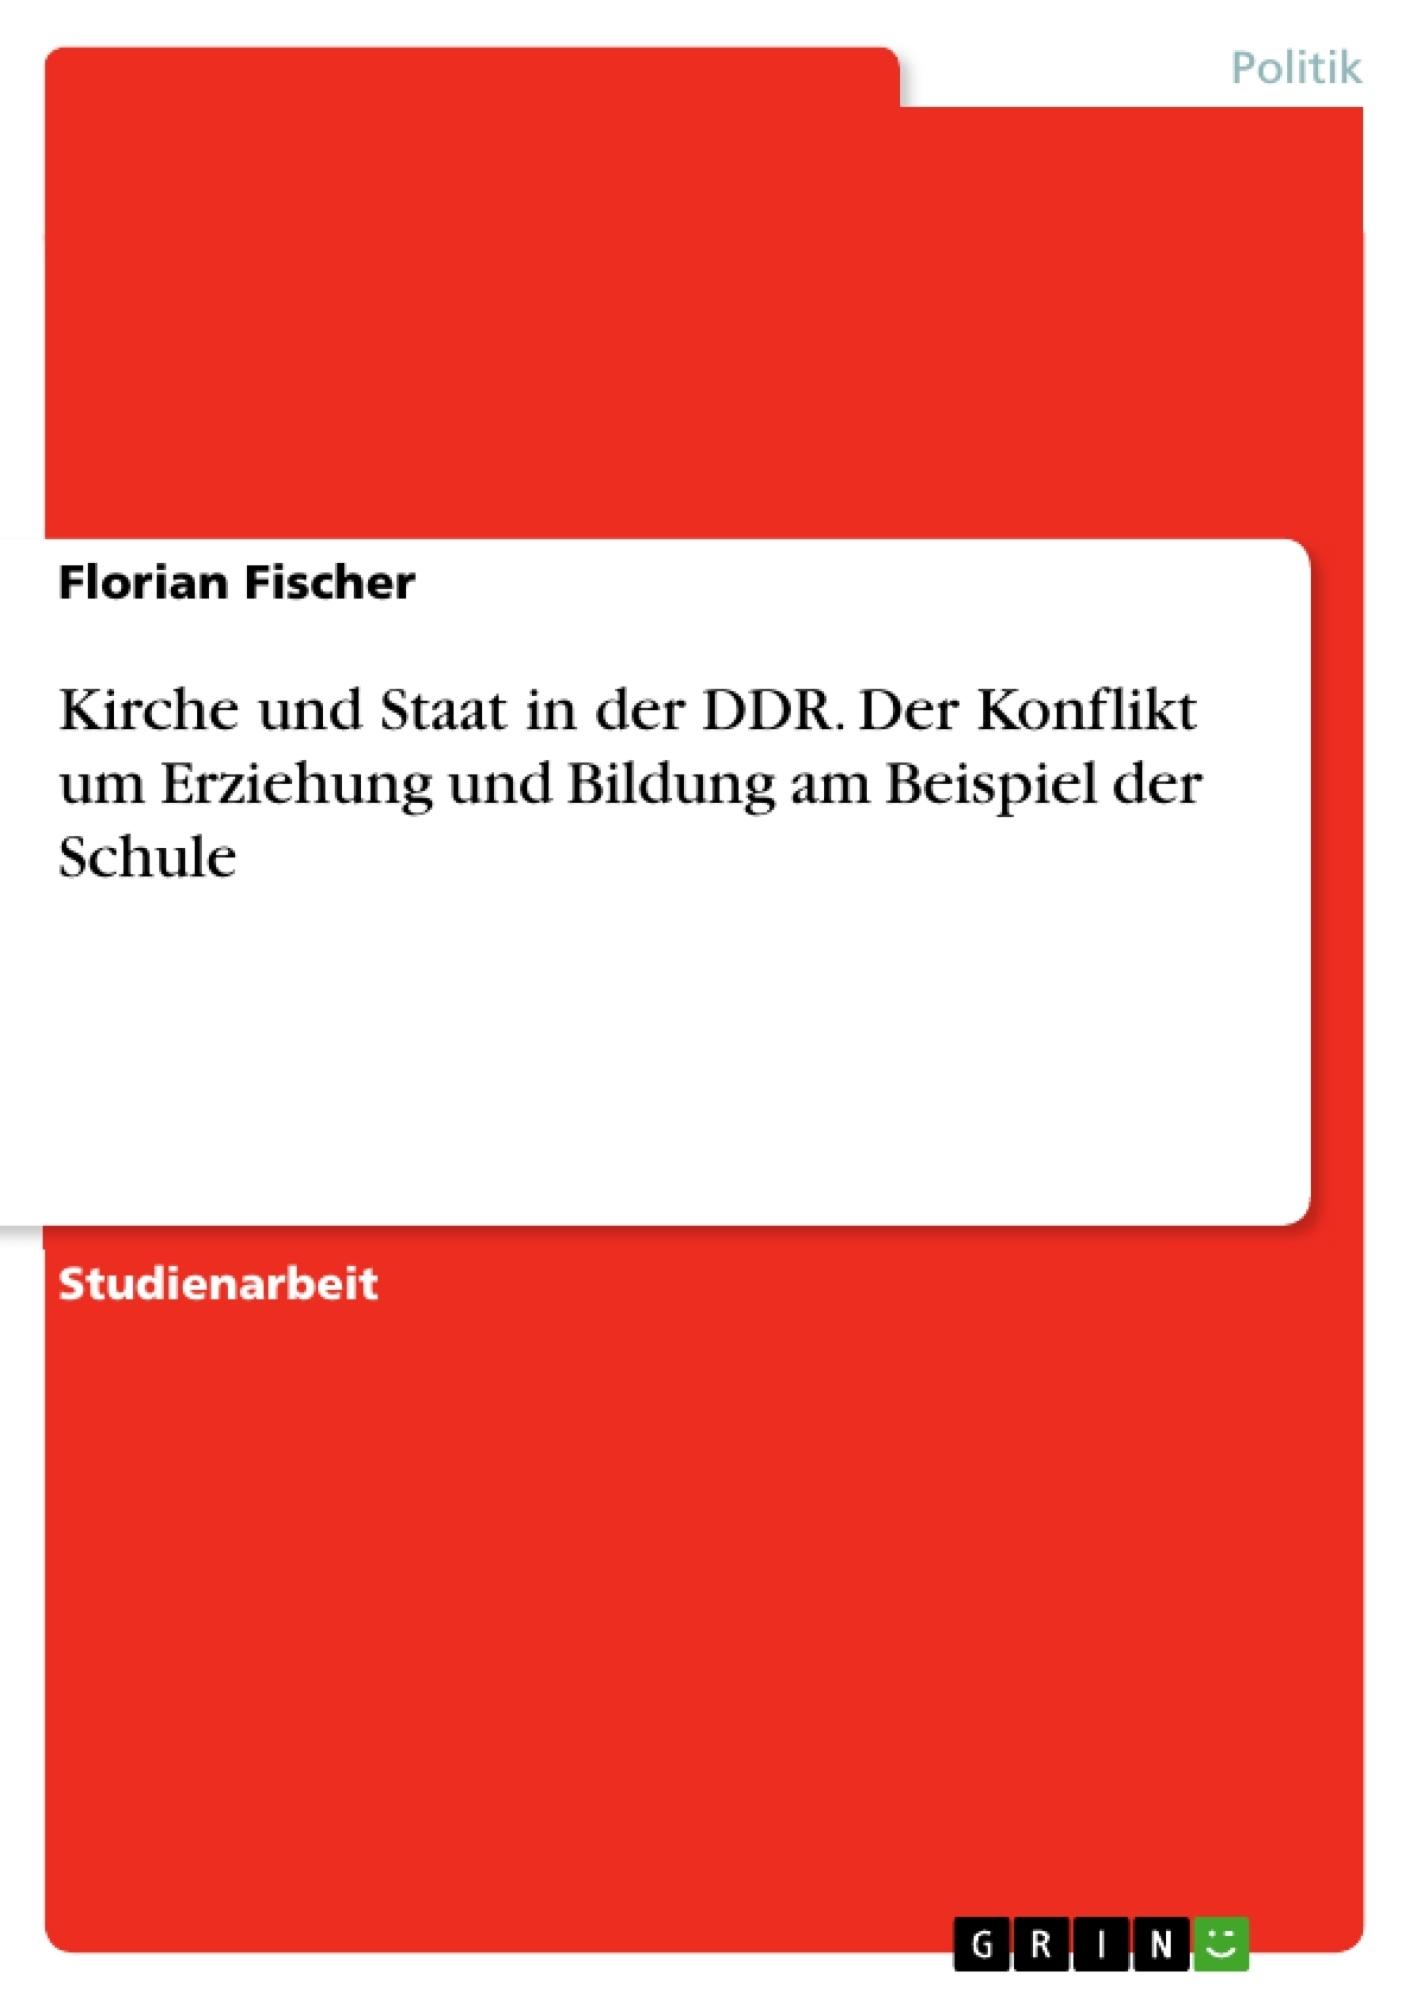 Titel: Kirche und Staat in der DDR. Der Konflikt um Erziehung und Bildung am Beispiel der Schule